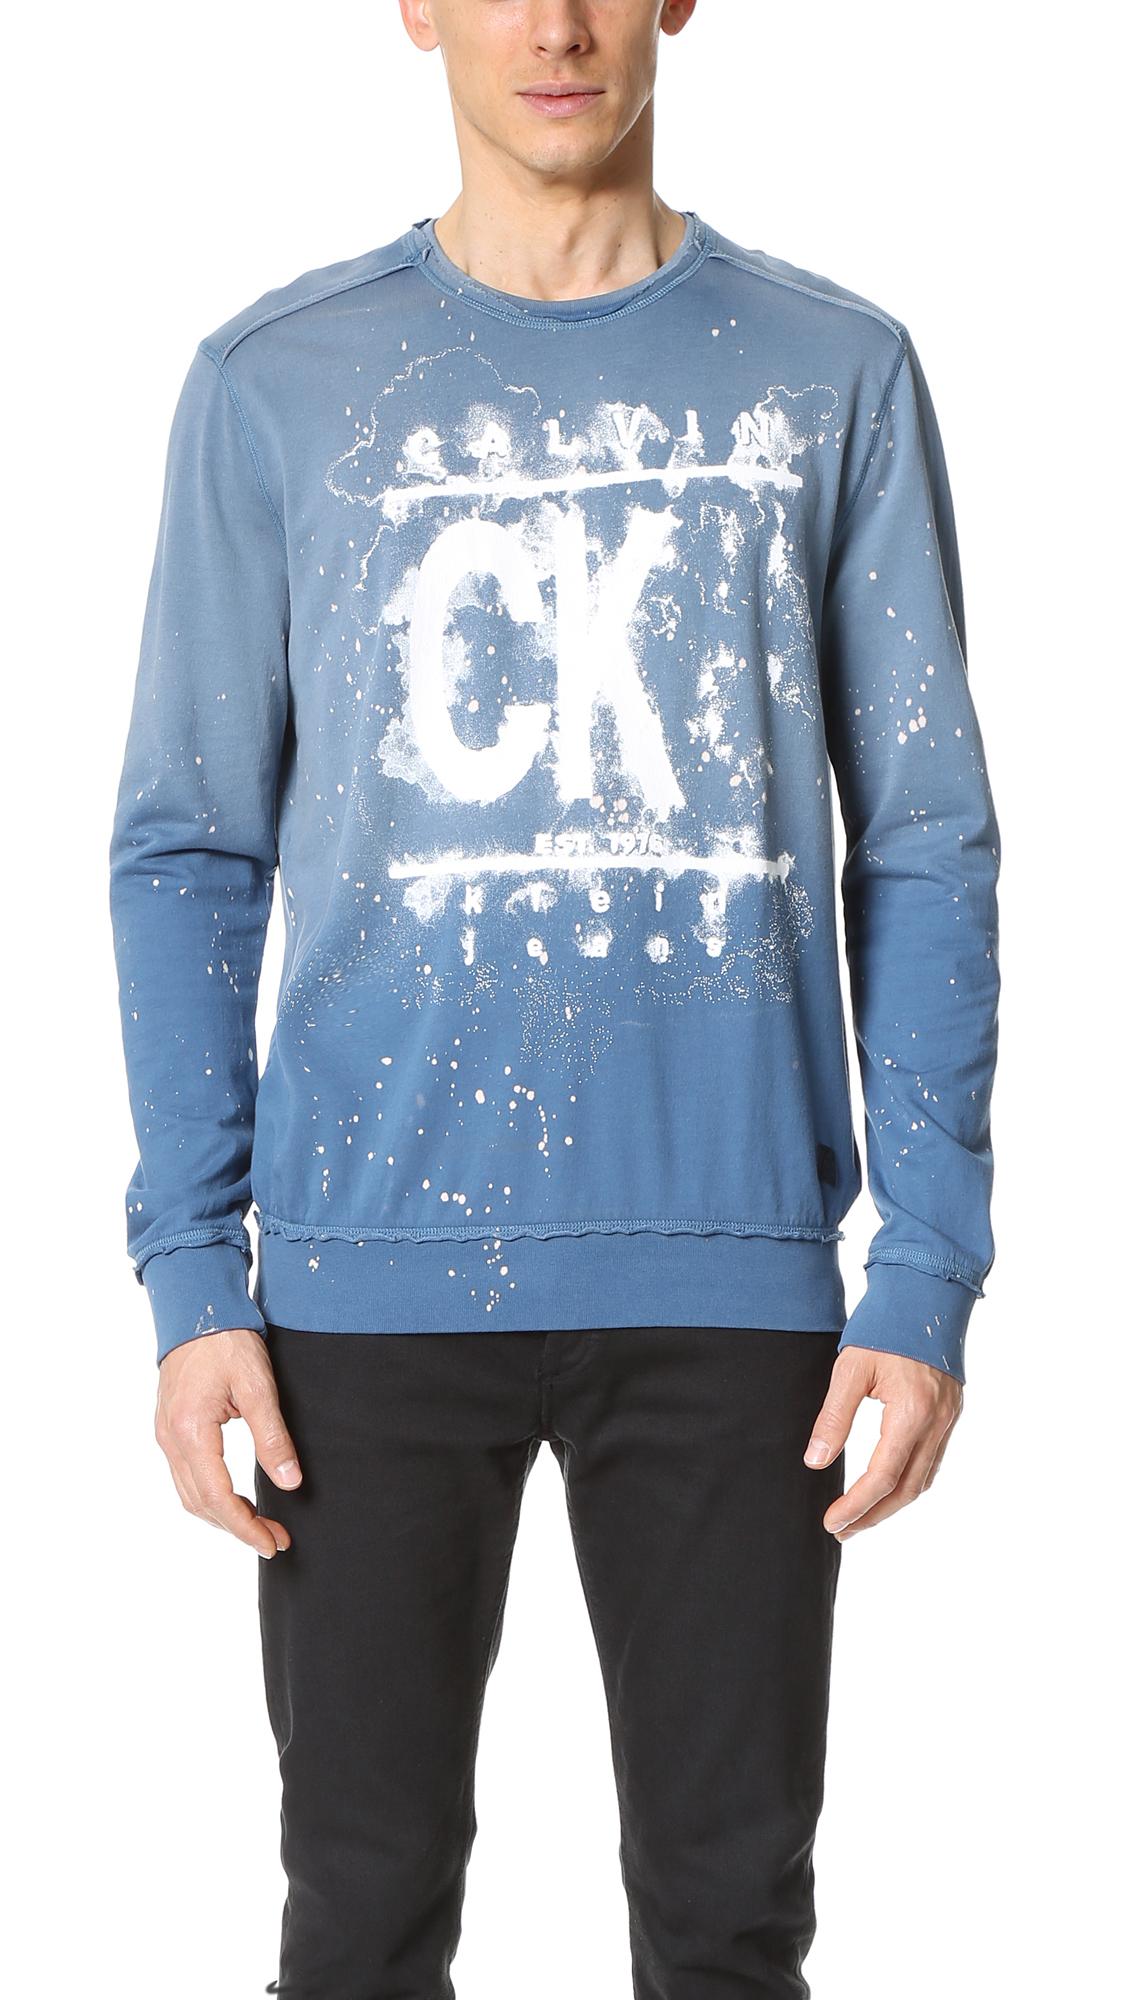 9dabab95073 Calvin Klein Jeans Watermark Printed Sweatshirt in Blue for Men - Lyst